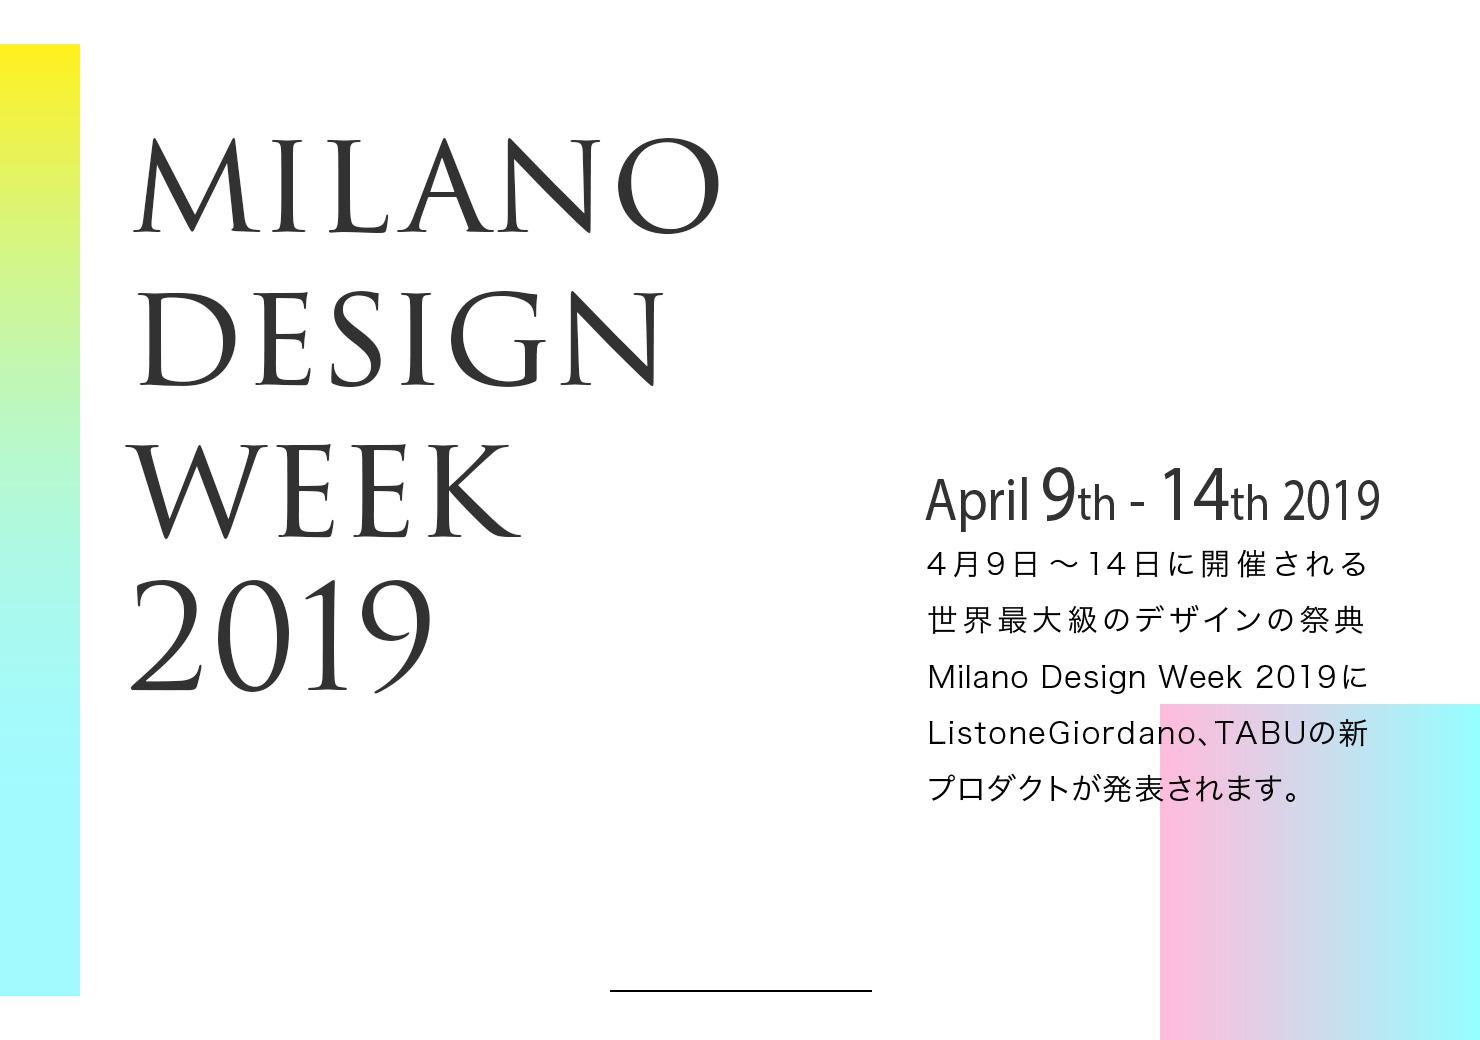 4月9日〜14日に開催される世界最大級のデザインの祭典 Milano Design Week 2019にListoneGiordano、TABUの新プロダクトが発表されます。